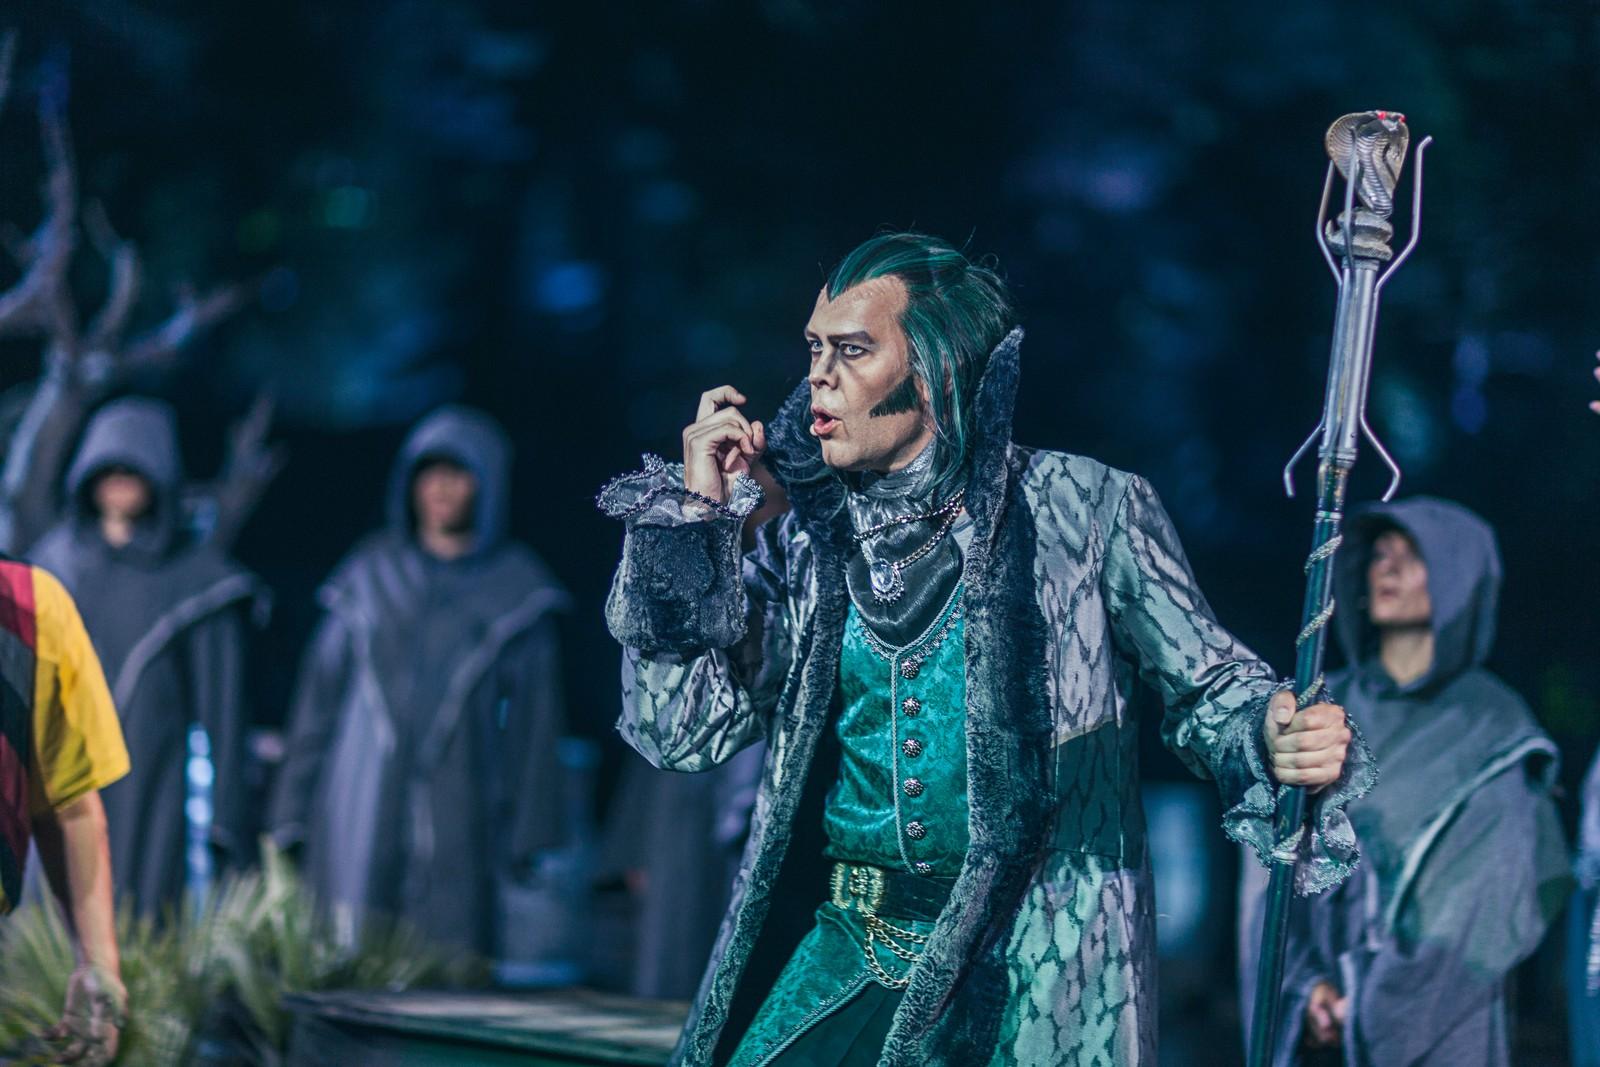 SKURK: Den ondskapsfulle trollmannen Greven av Gral (Håvard Bakke) hersker over den forheksede øya.